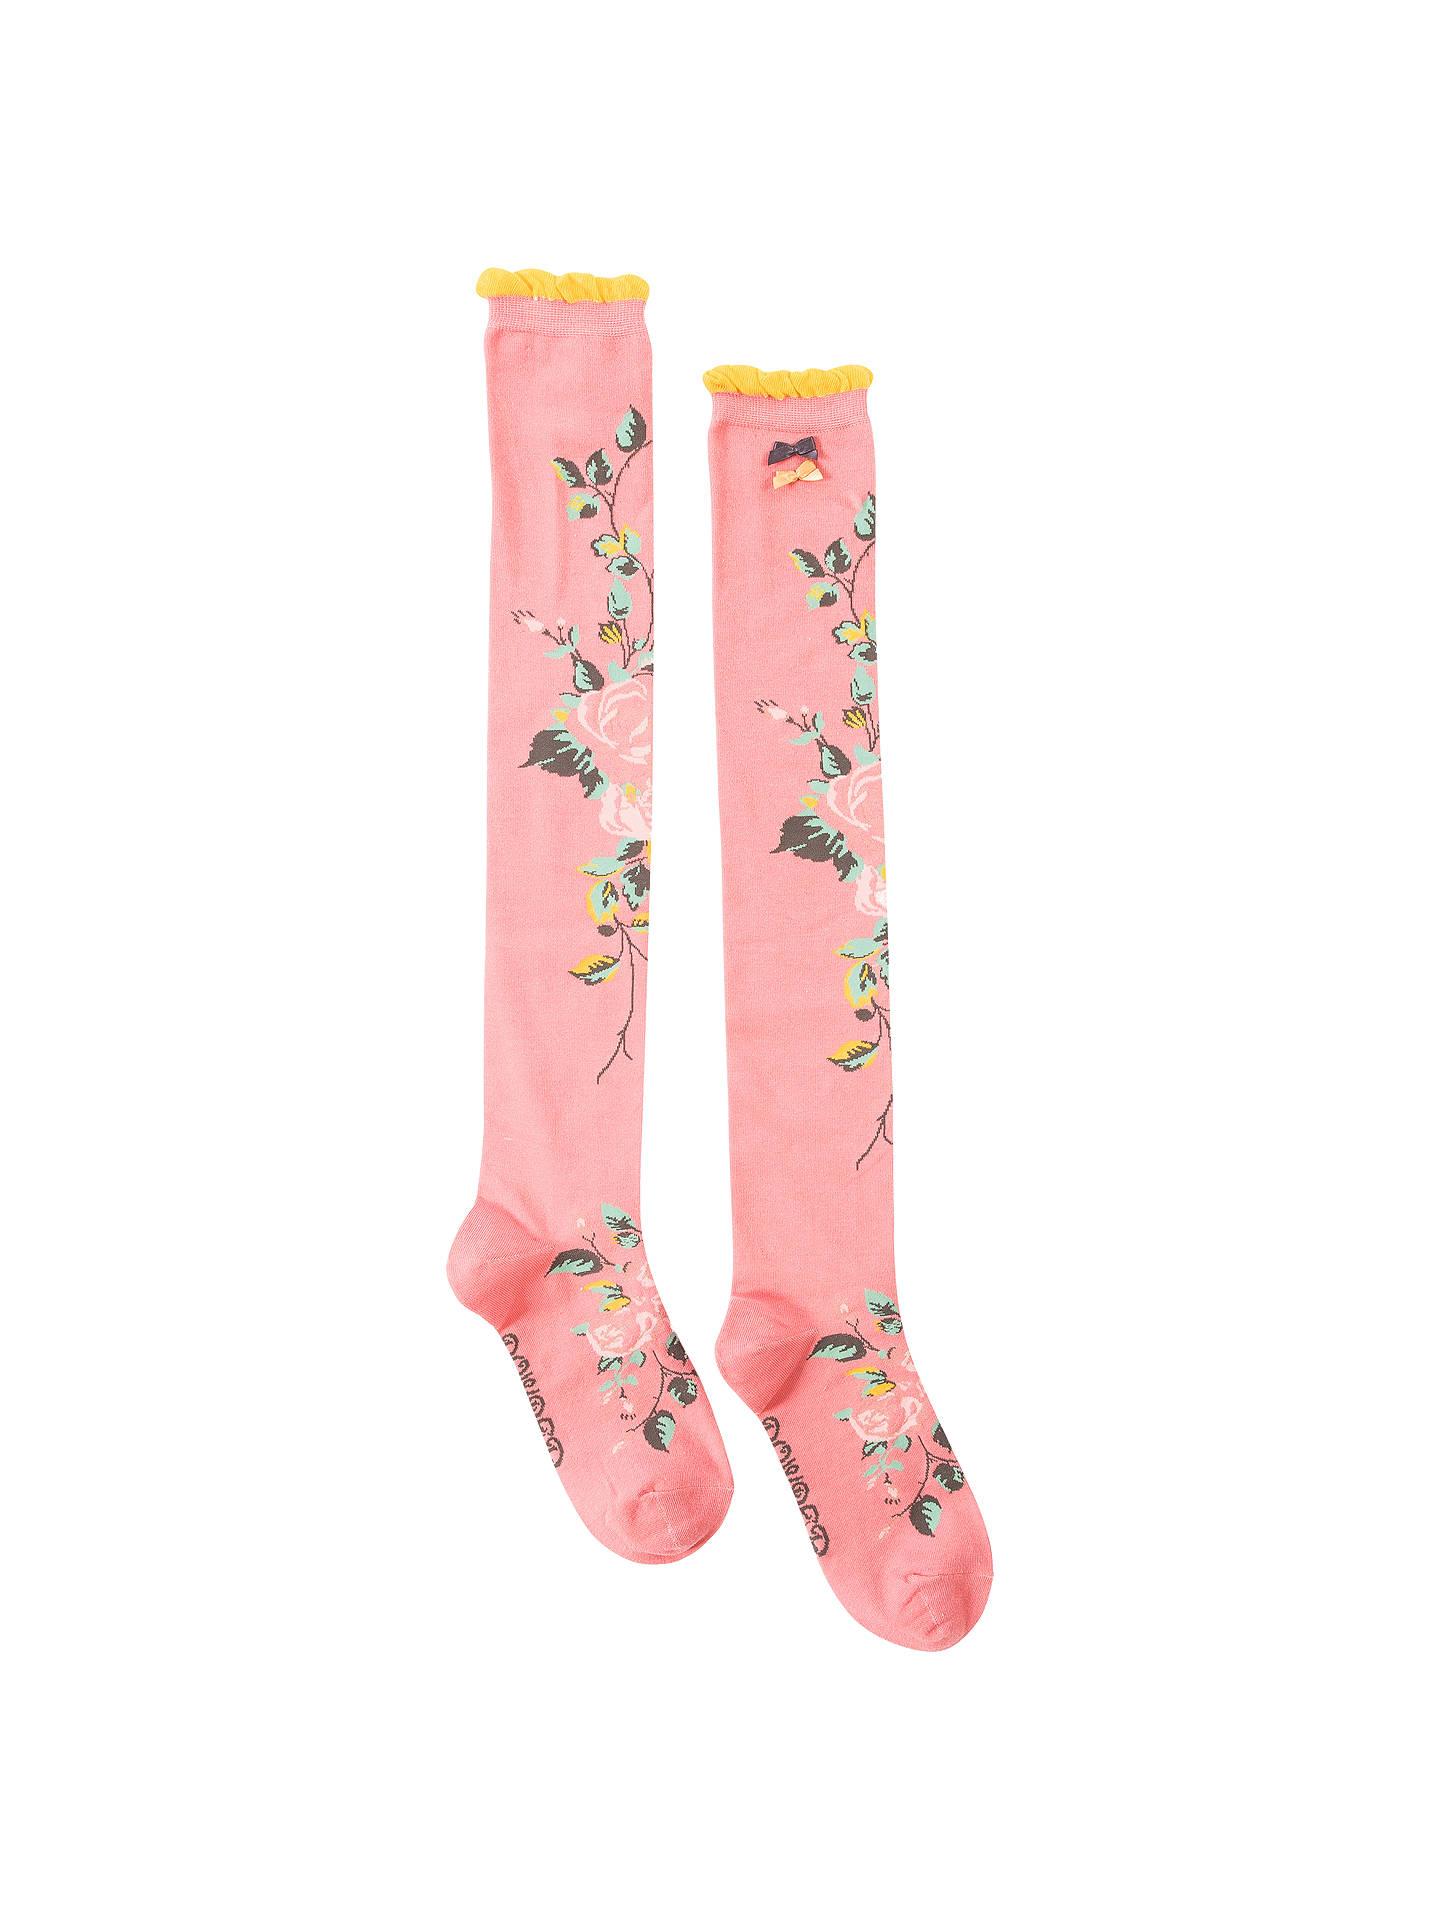 40bea01d4c4 Buy Powder Long Climbing Rose Socks